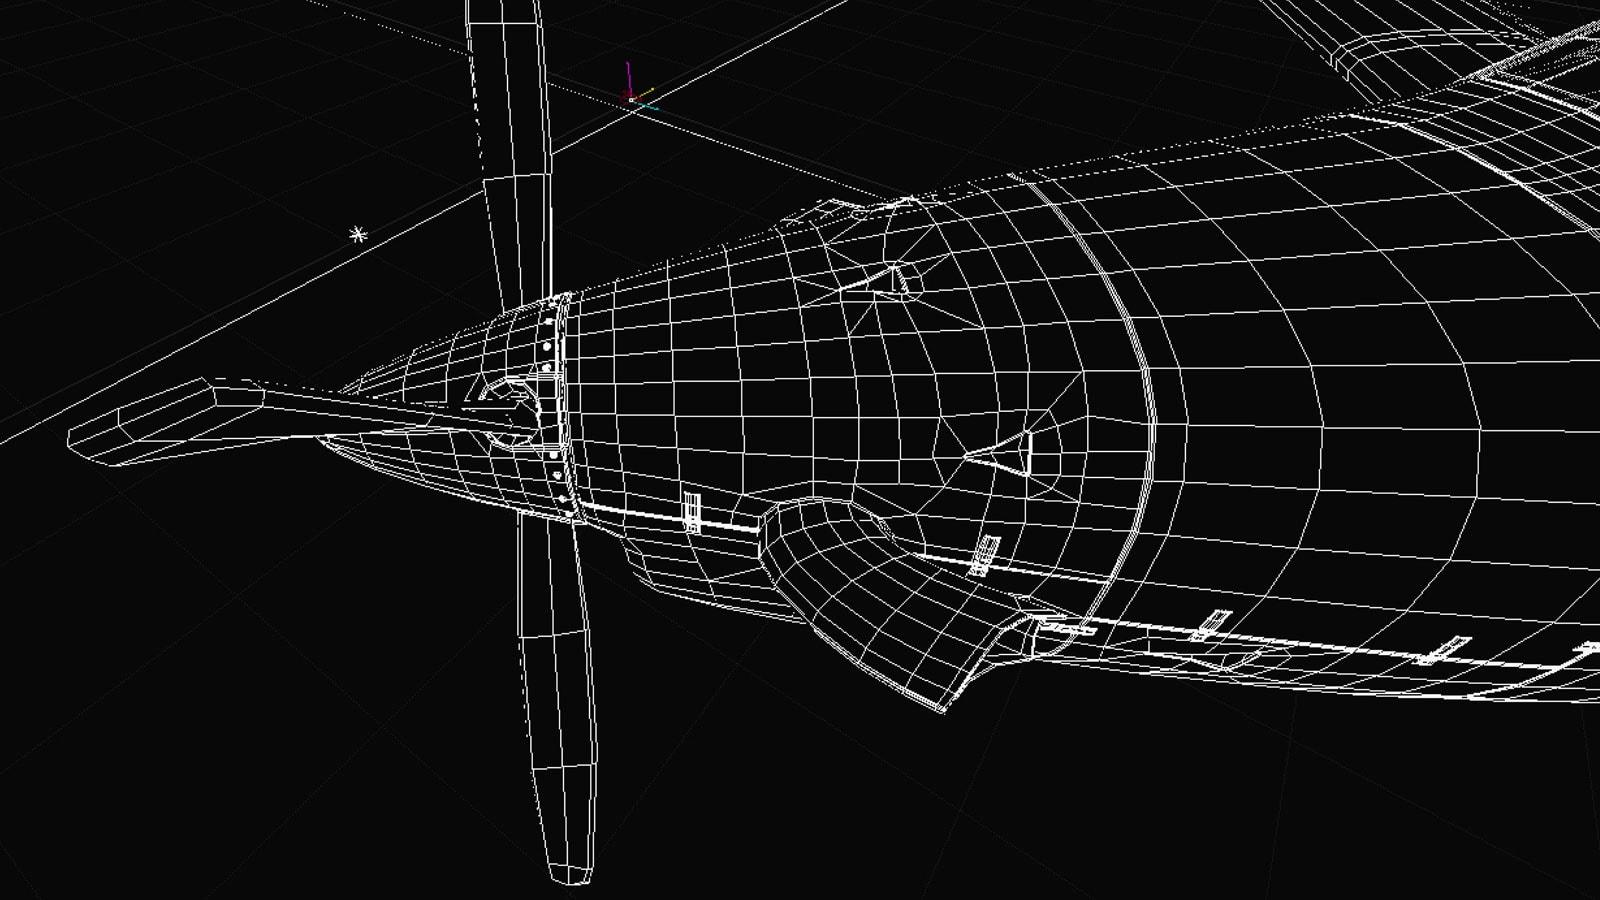 2016 Pilatus Concept Render Girraphic 4